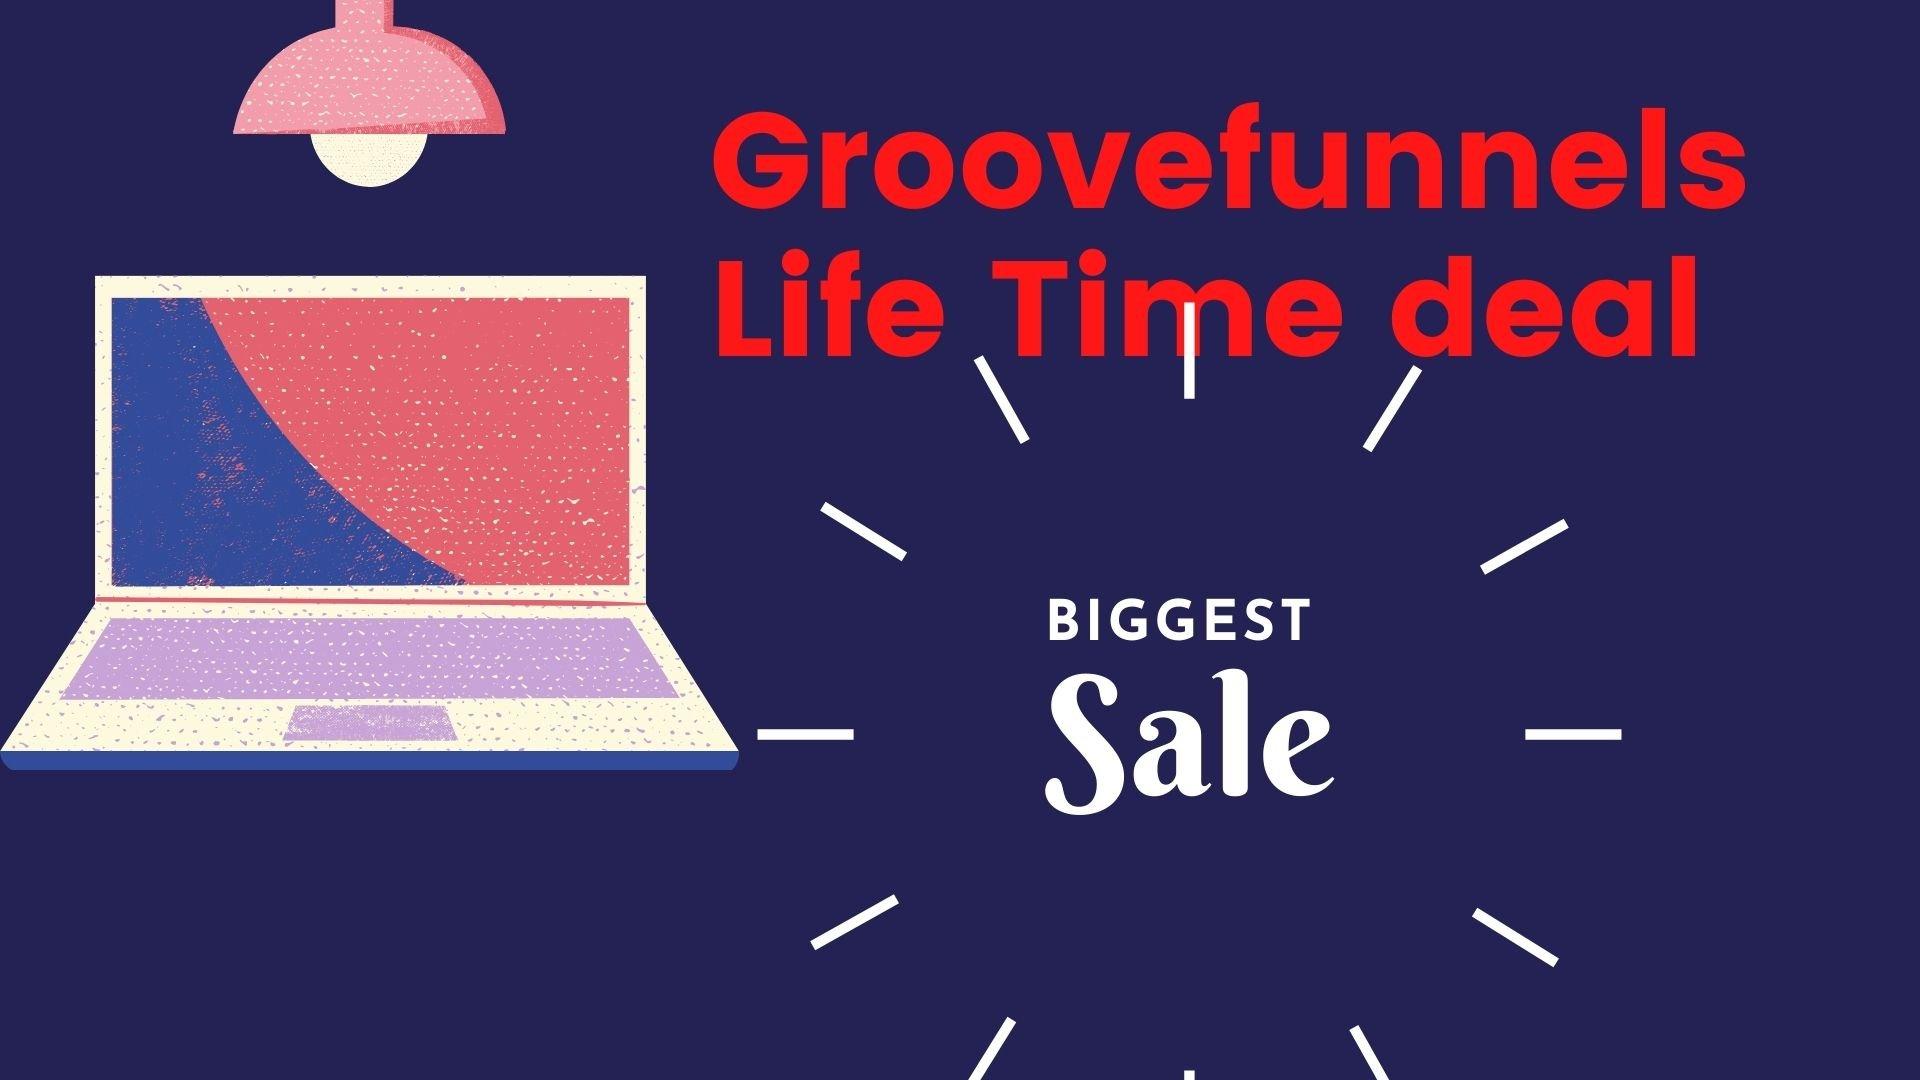 groovefunnels lifetime deal